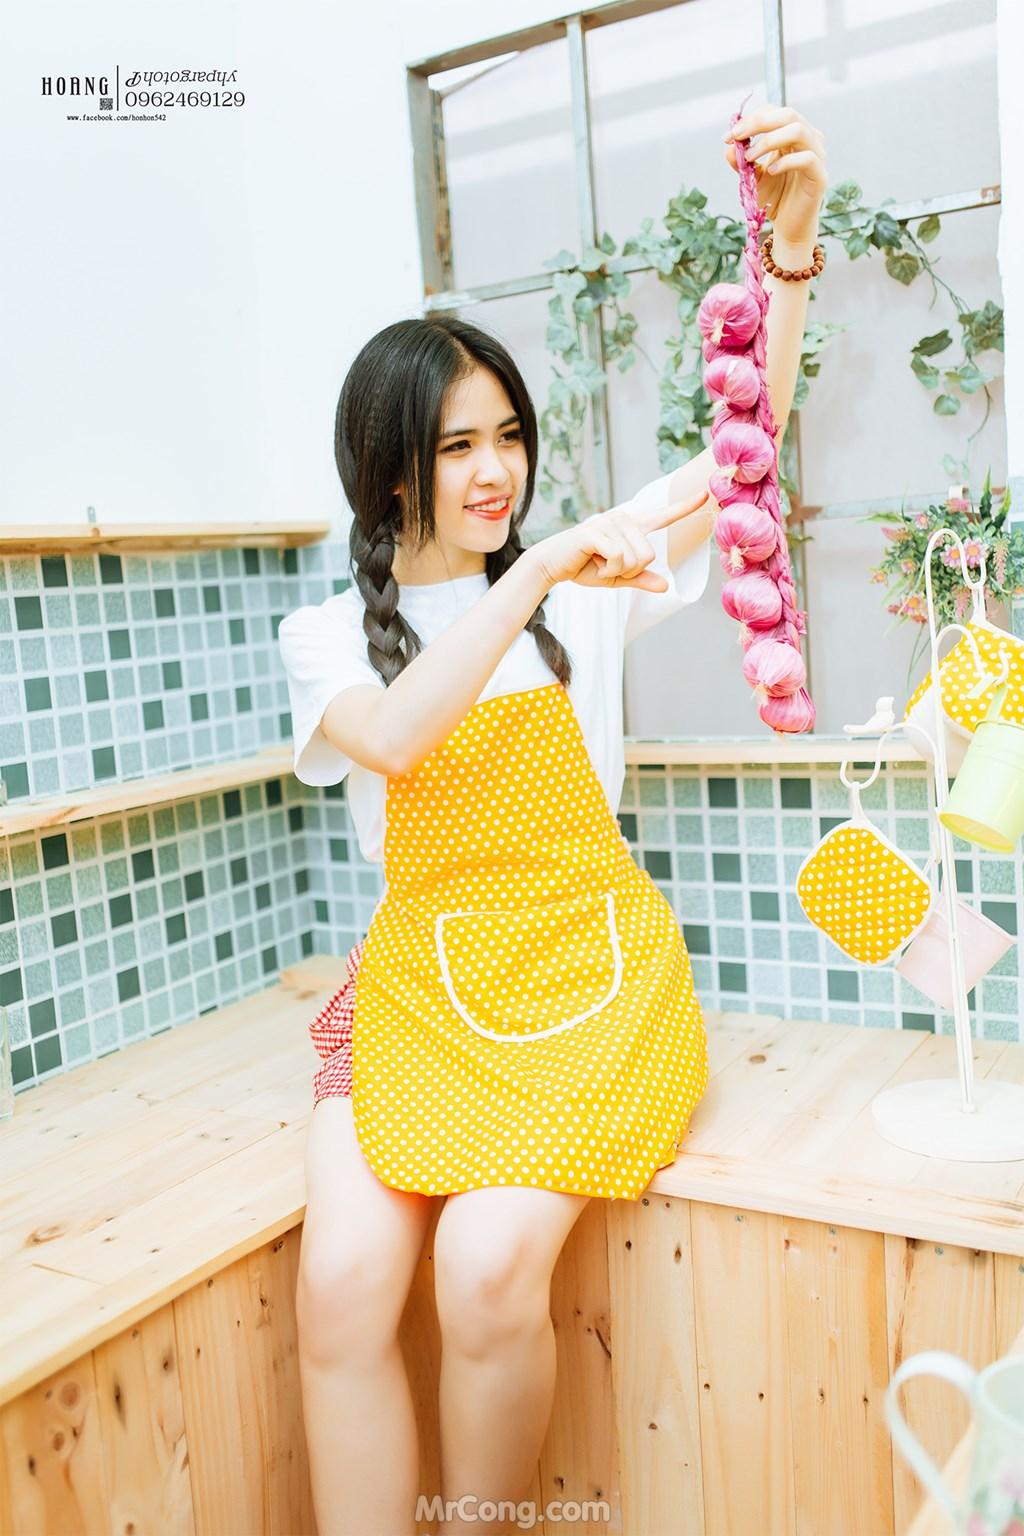 Ảnh Hot girl, sexy girl, bikini, người đẹp Việt sưu tầm (P11) Vietnamese-Models-by-Hoang-Nguyen-MrCong.com-023